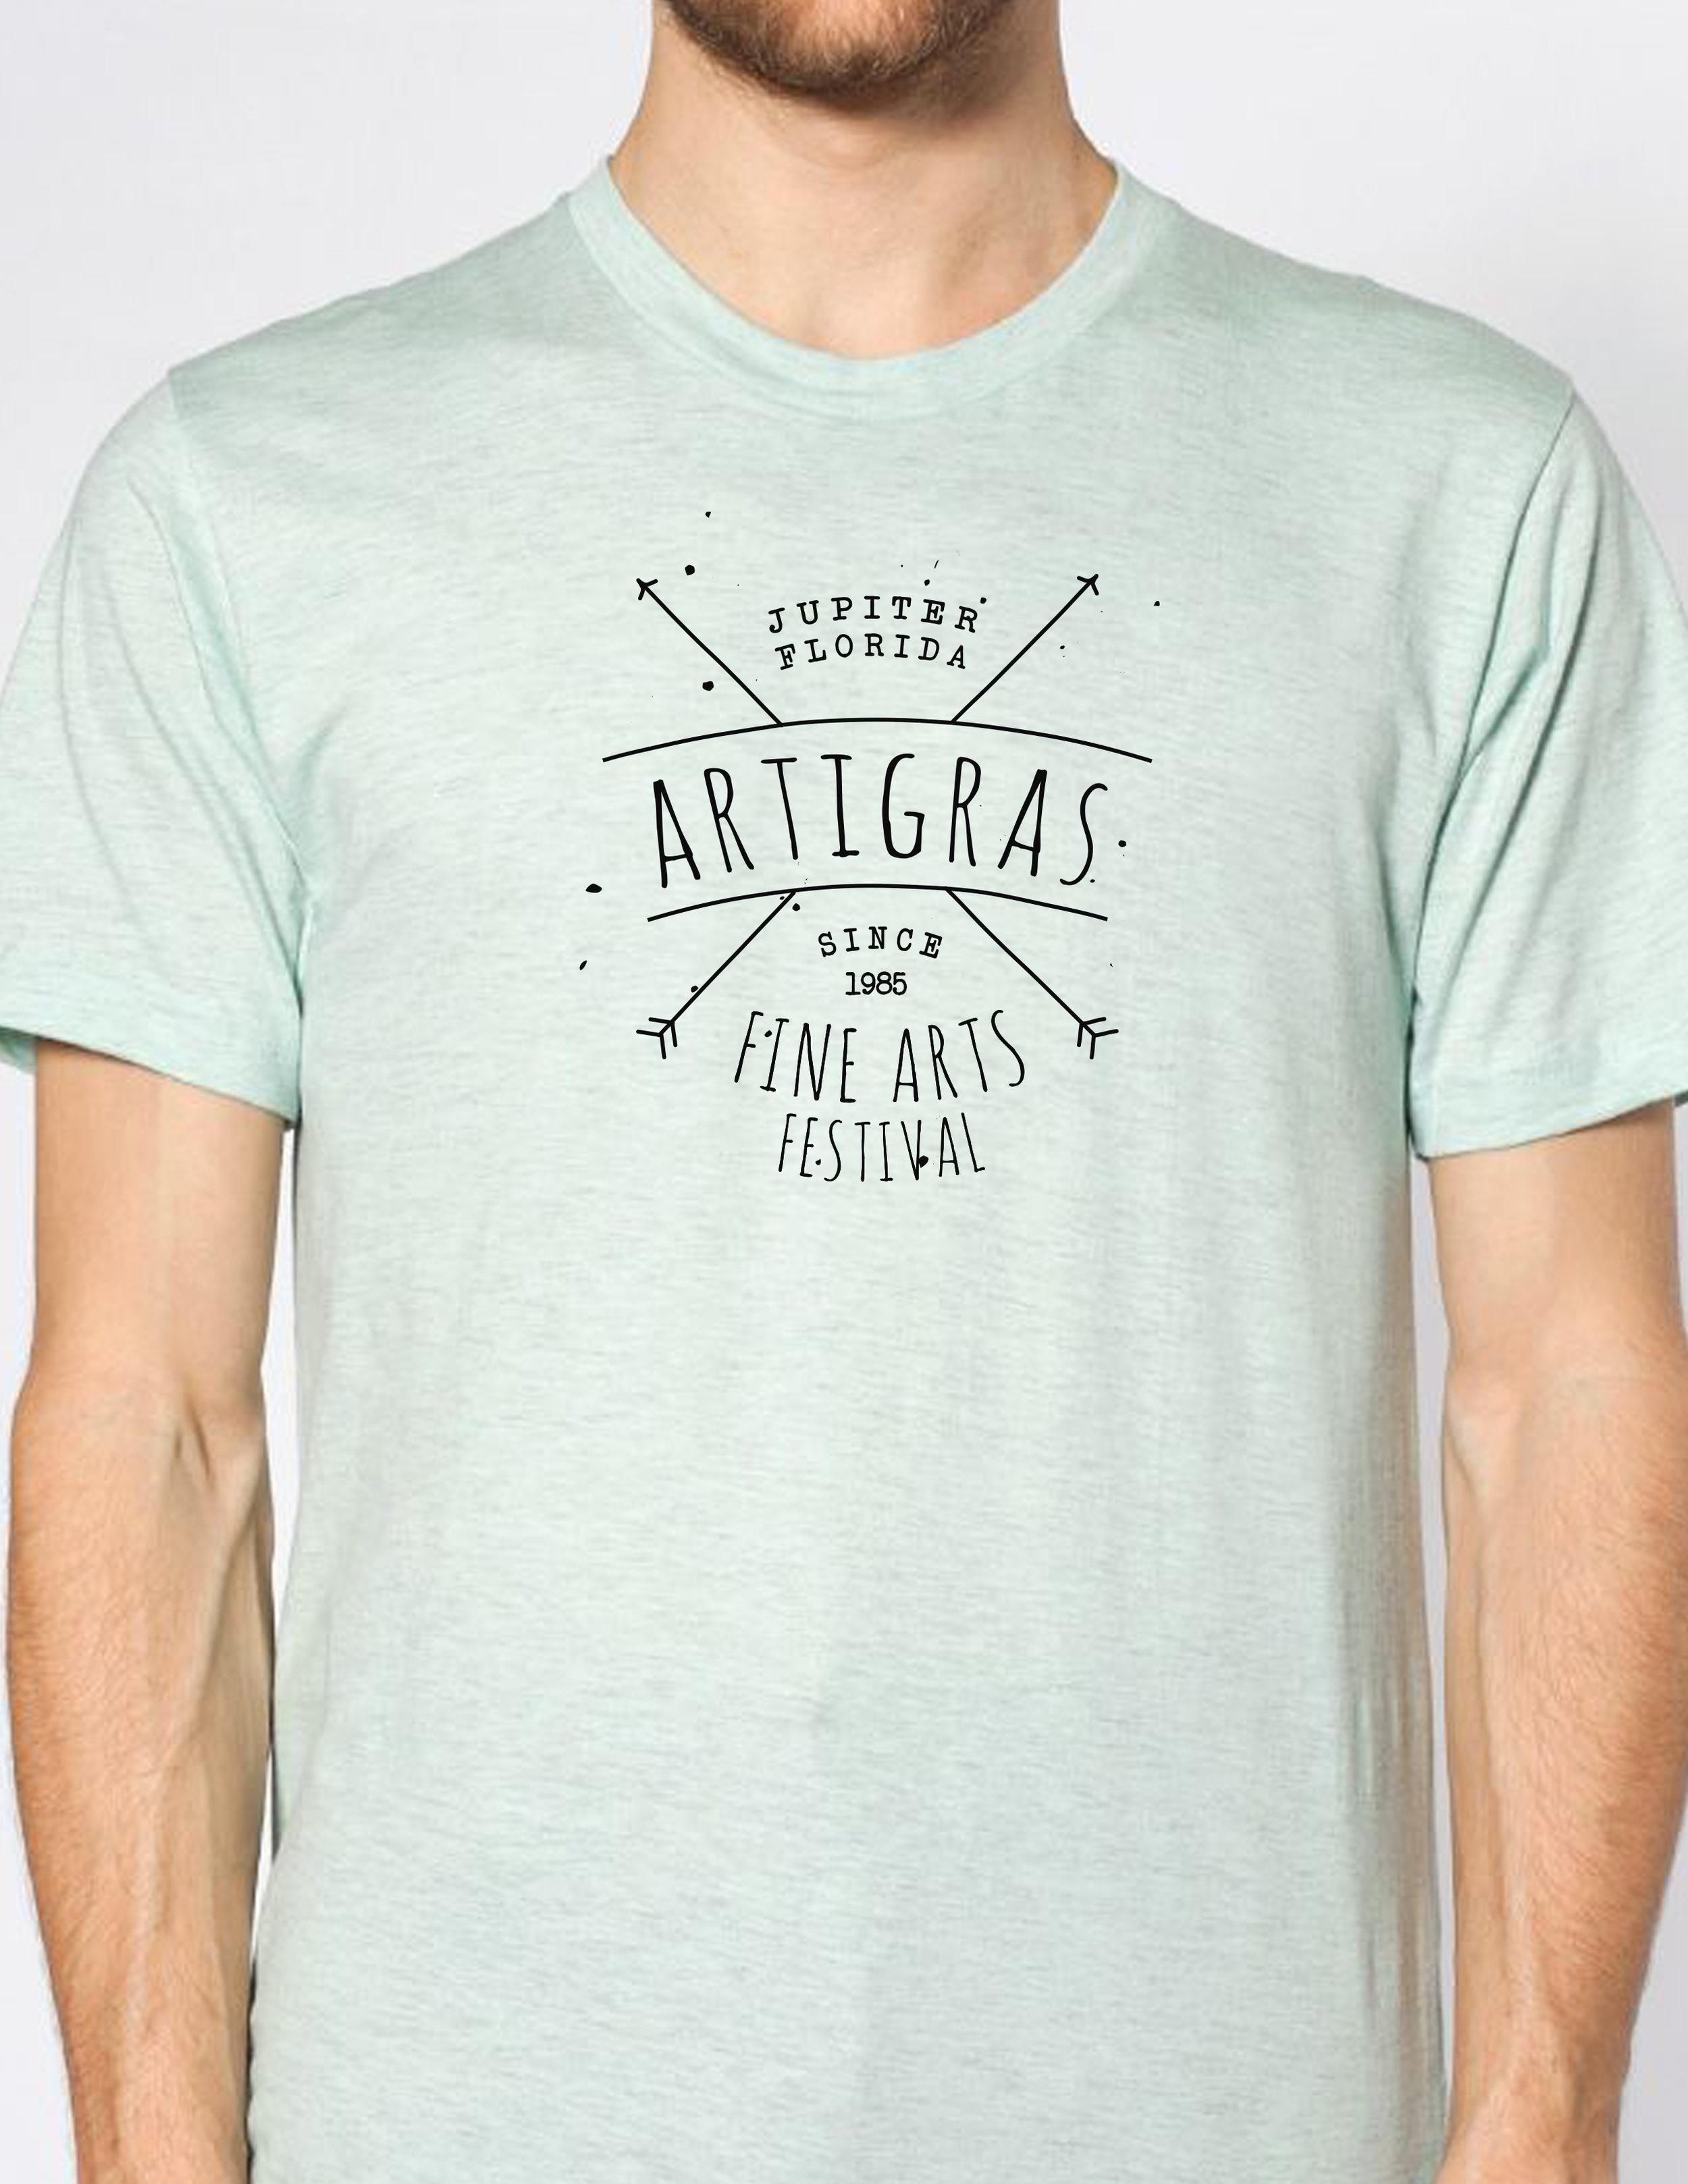 ArtiGras T-Shirt